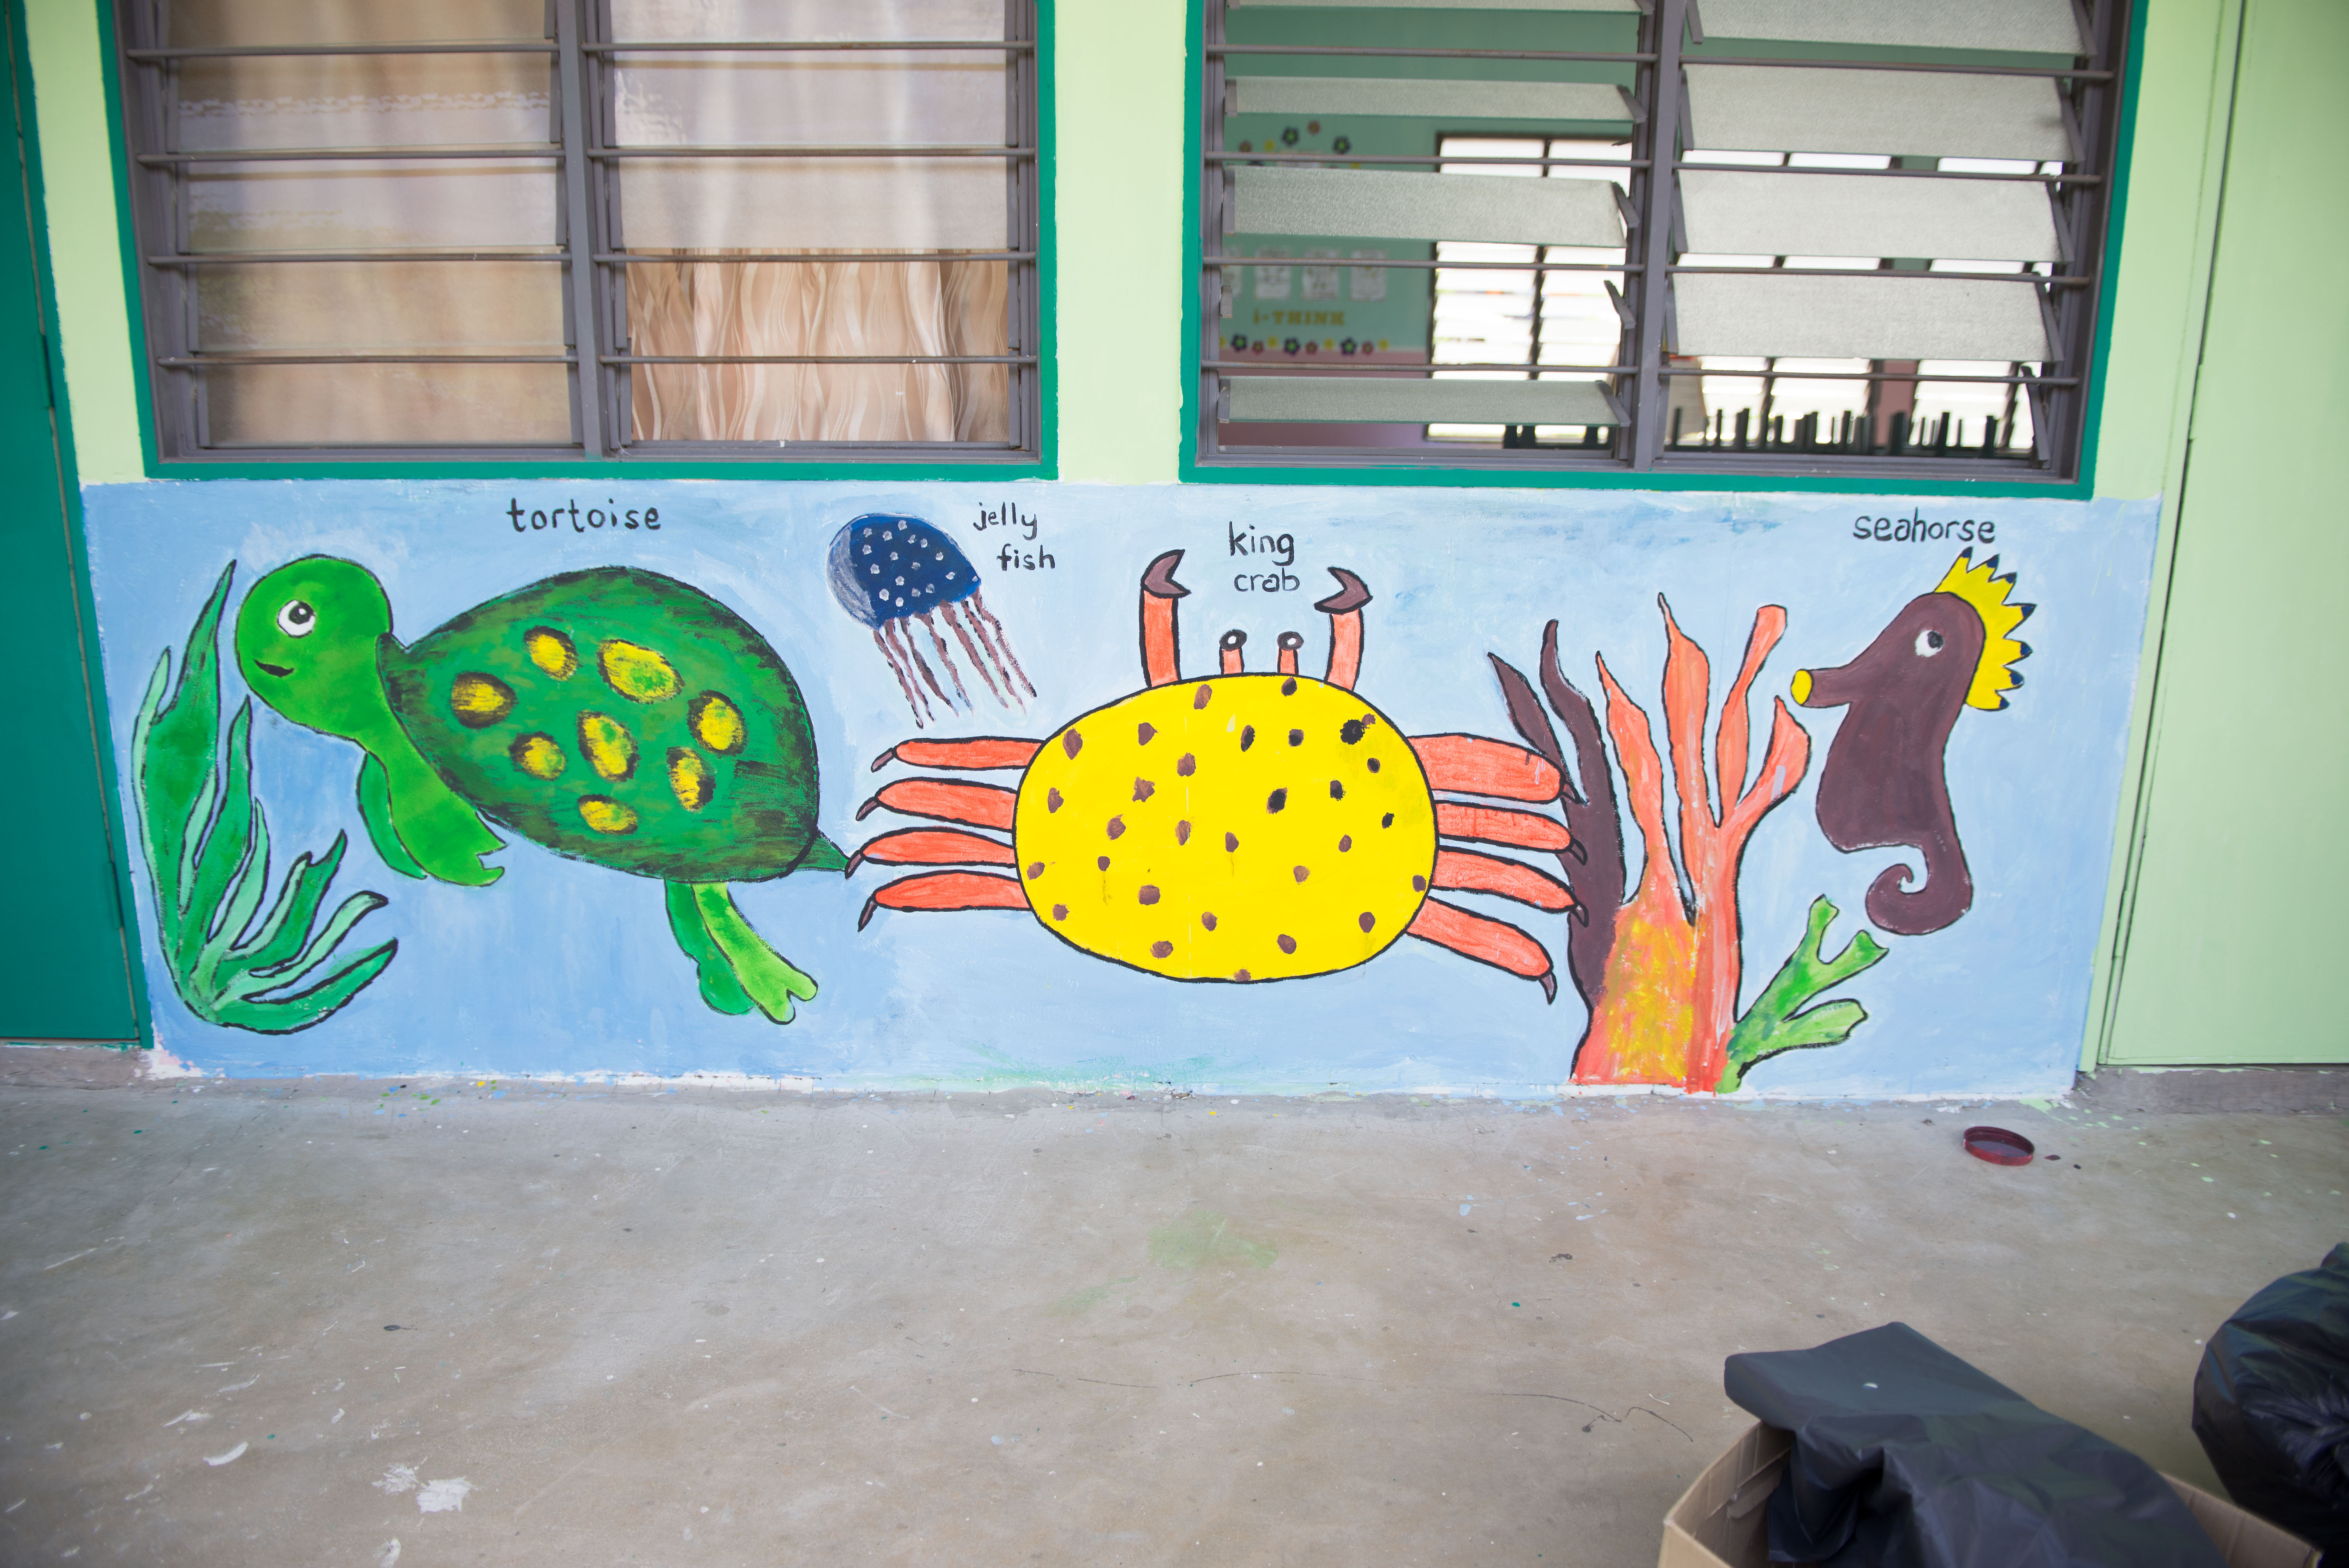 e.mural